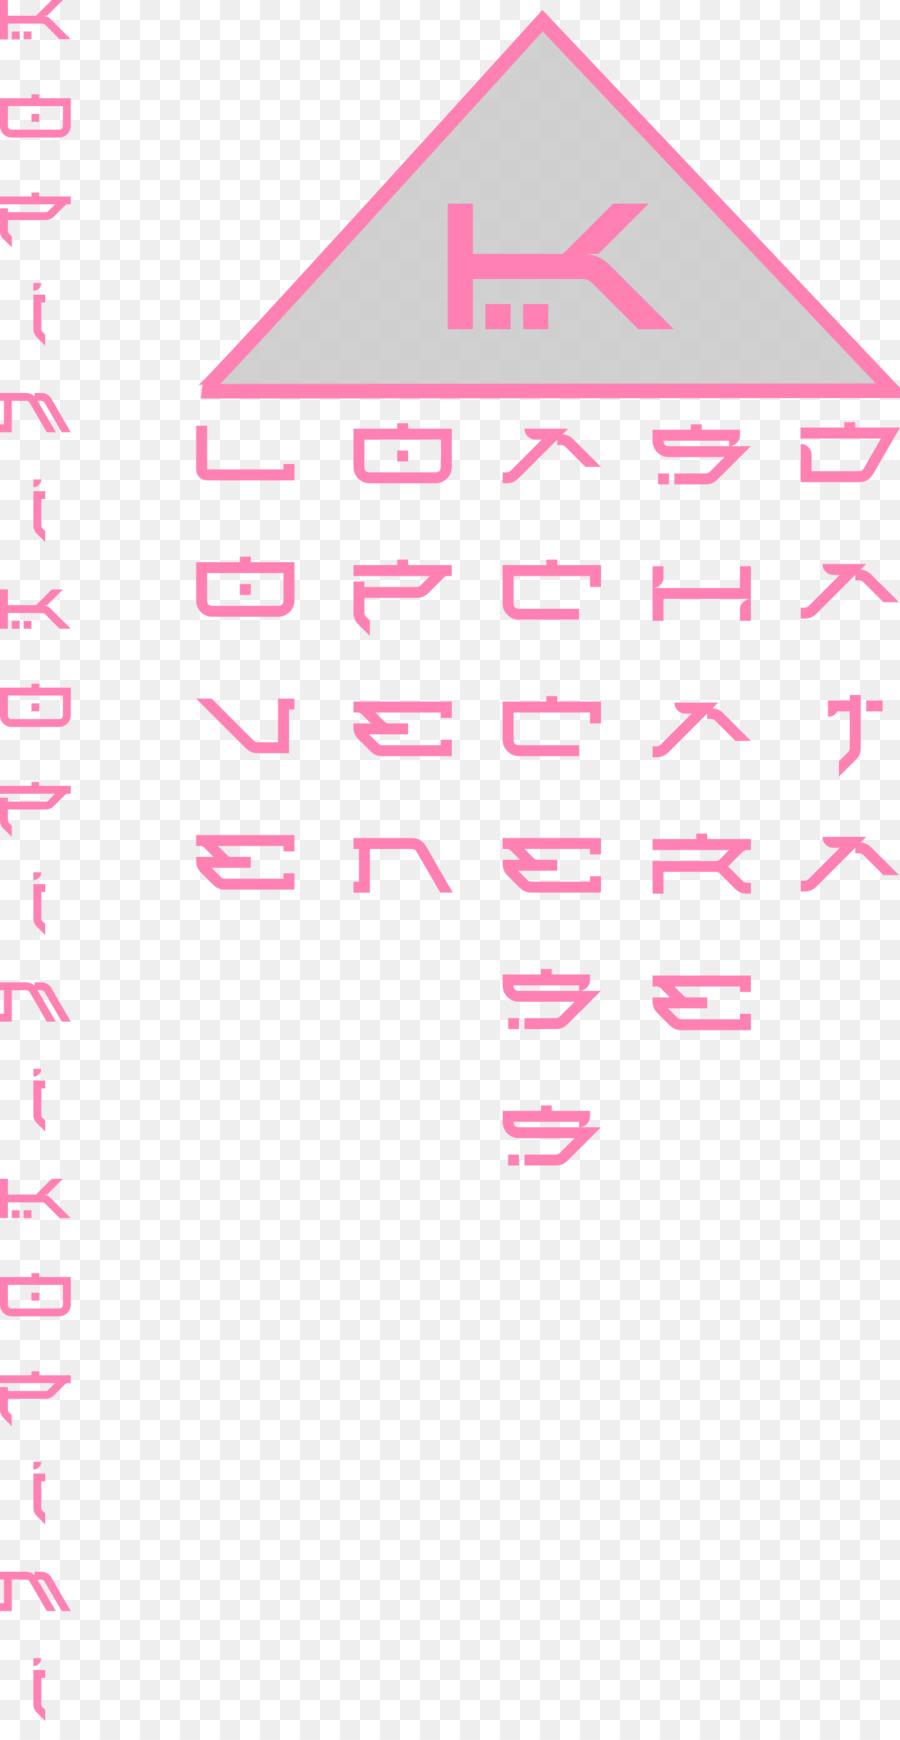 Descarga gratuita de Cyberpunk, Logotipo, Iconos De Equipo Imágen de Png